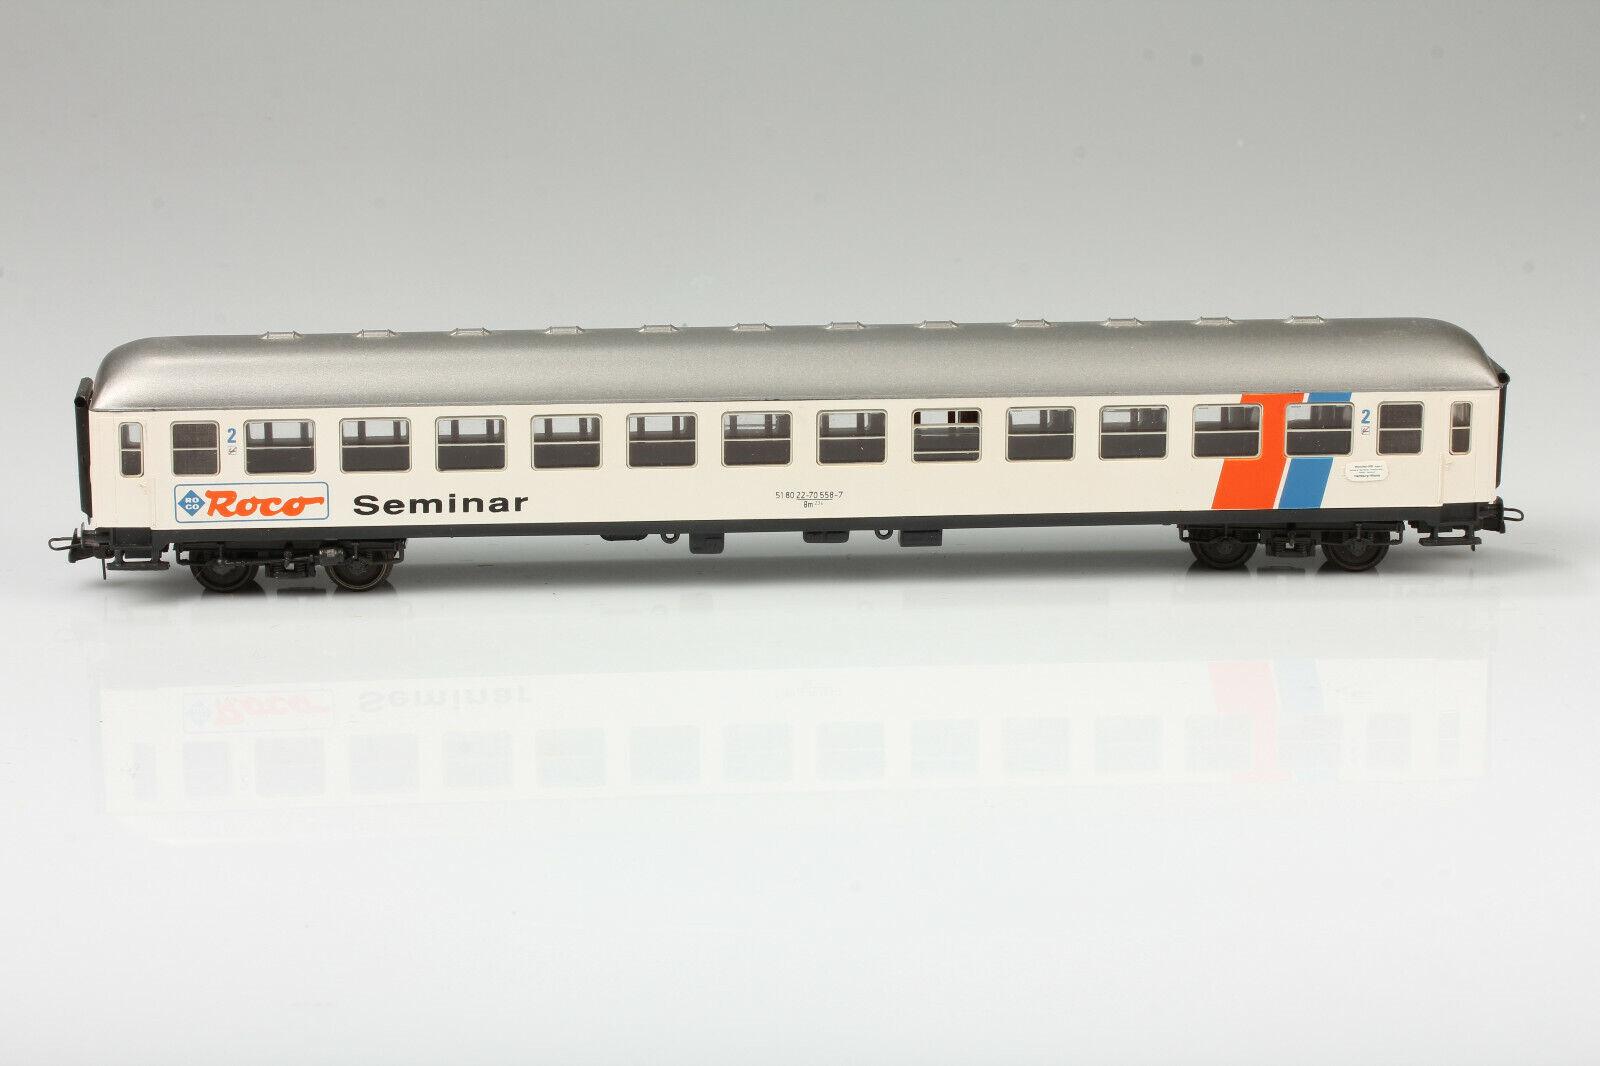 H0 Roco Seminar Personenwagen 518022-70 558-7 München Hbf Schmutz Kratzer o. OVP